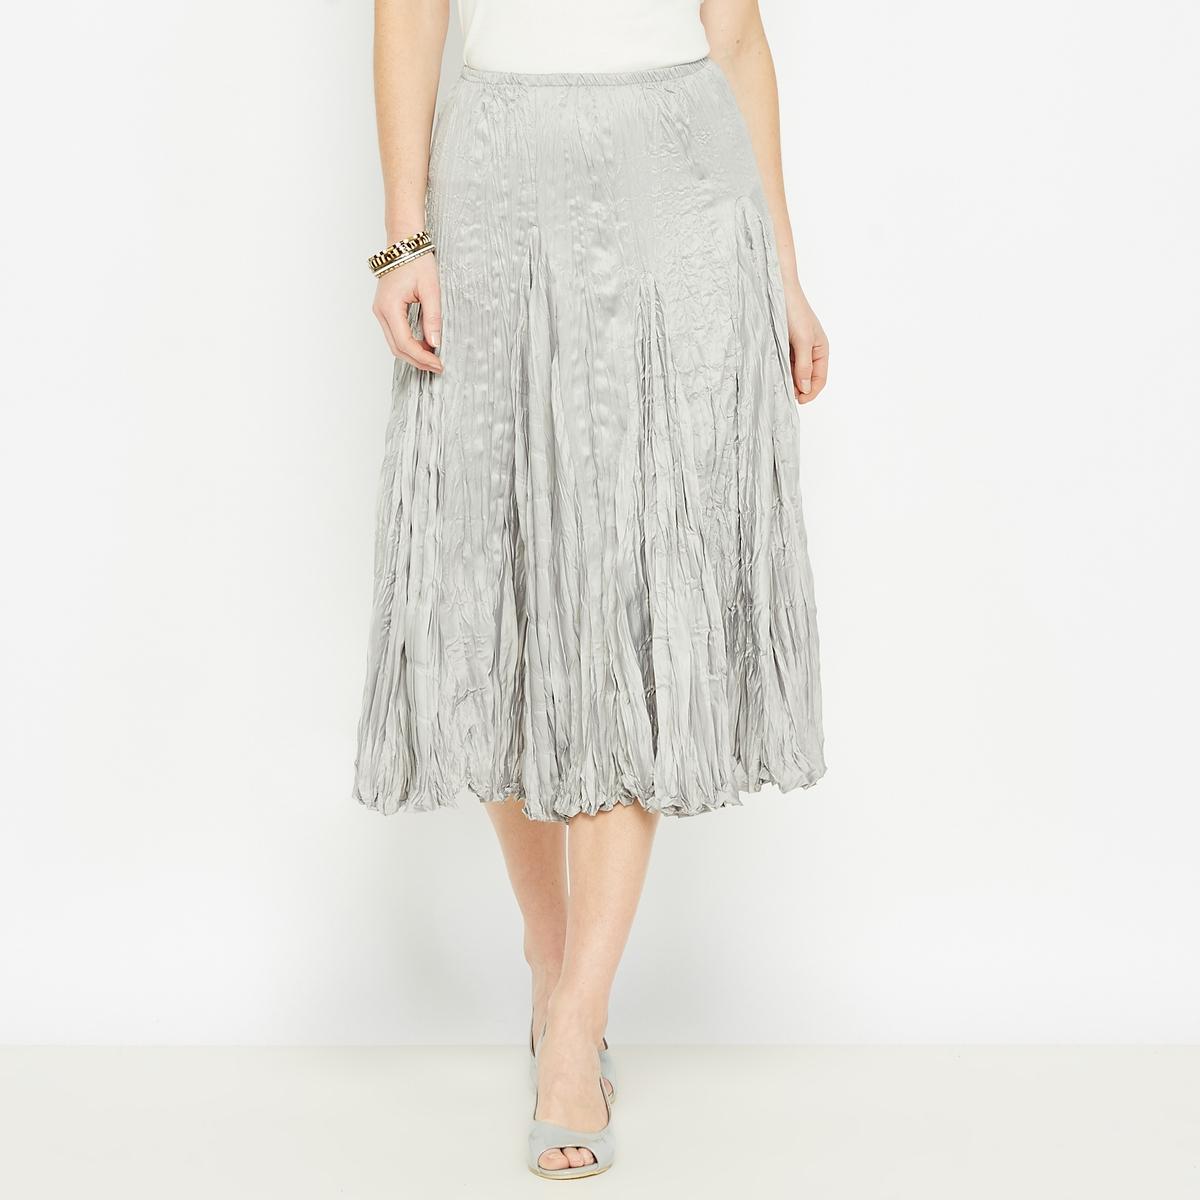 Длинная юбка из полиэстераДетали •  Форма : плиссированная •  Длинная  •  Эластичный поясСостав и уход •  100% полиэстер •  Машинная стирка при 40° •  Отбеливание запрещено •  Не использовать барабанную сушку •  Не гладить<br><br>Цвет: серый